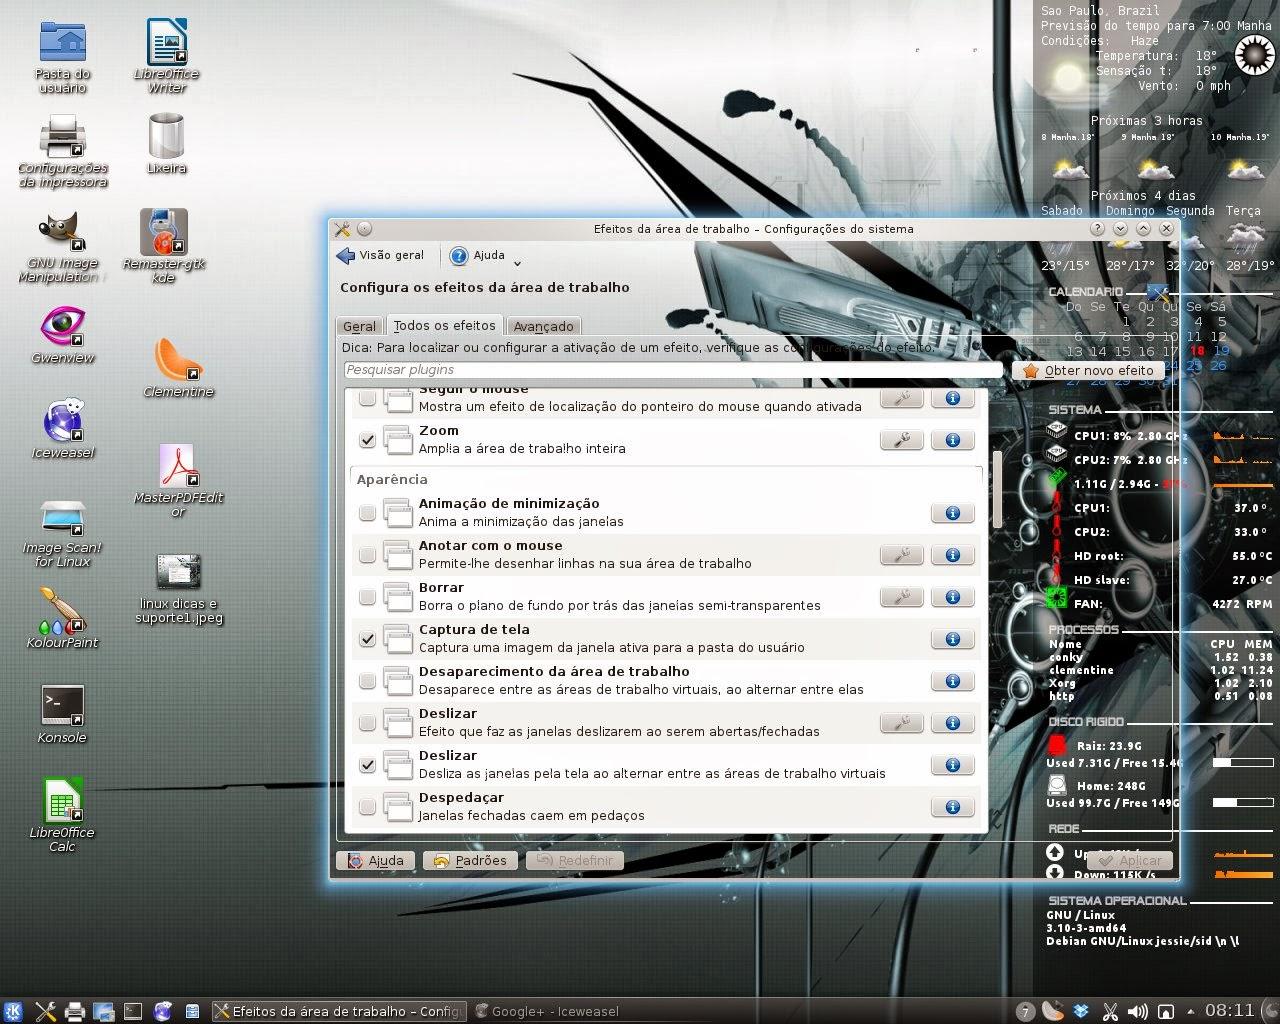 #446987 Linux dicas e suporte: Janelas transparentes no KDE Debian Ubuntu e  452 Janelas Deslizantes Redes